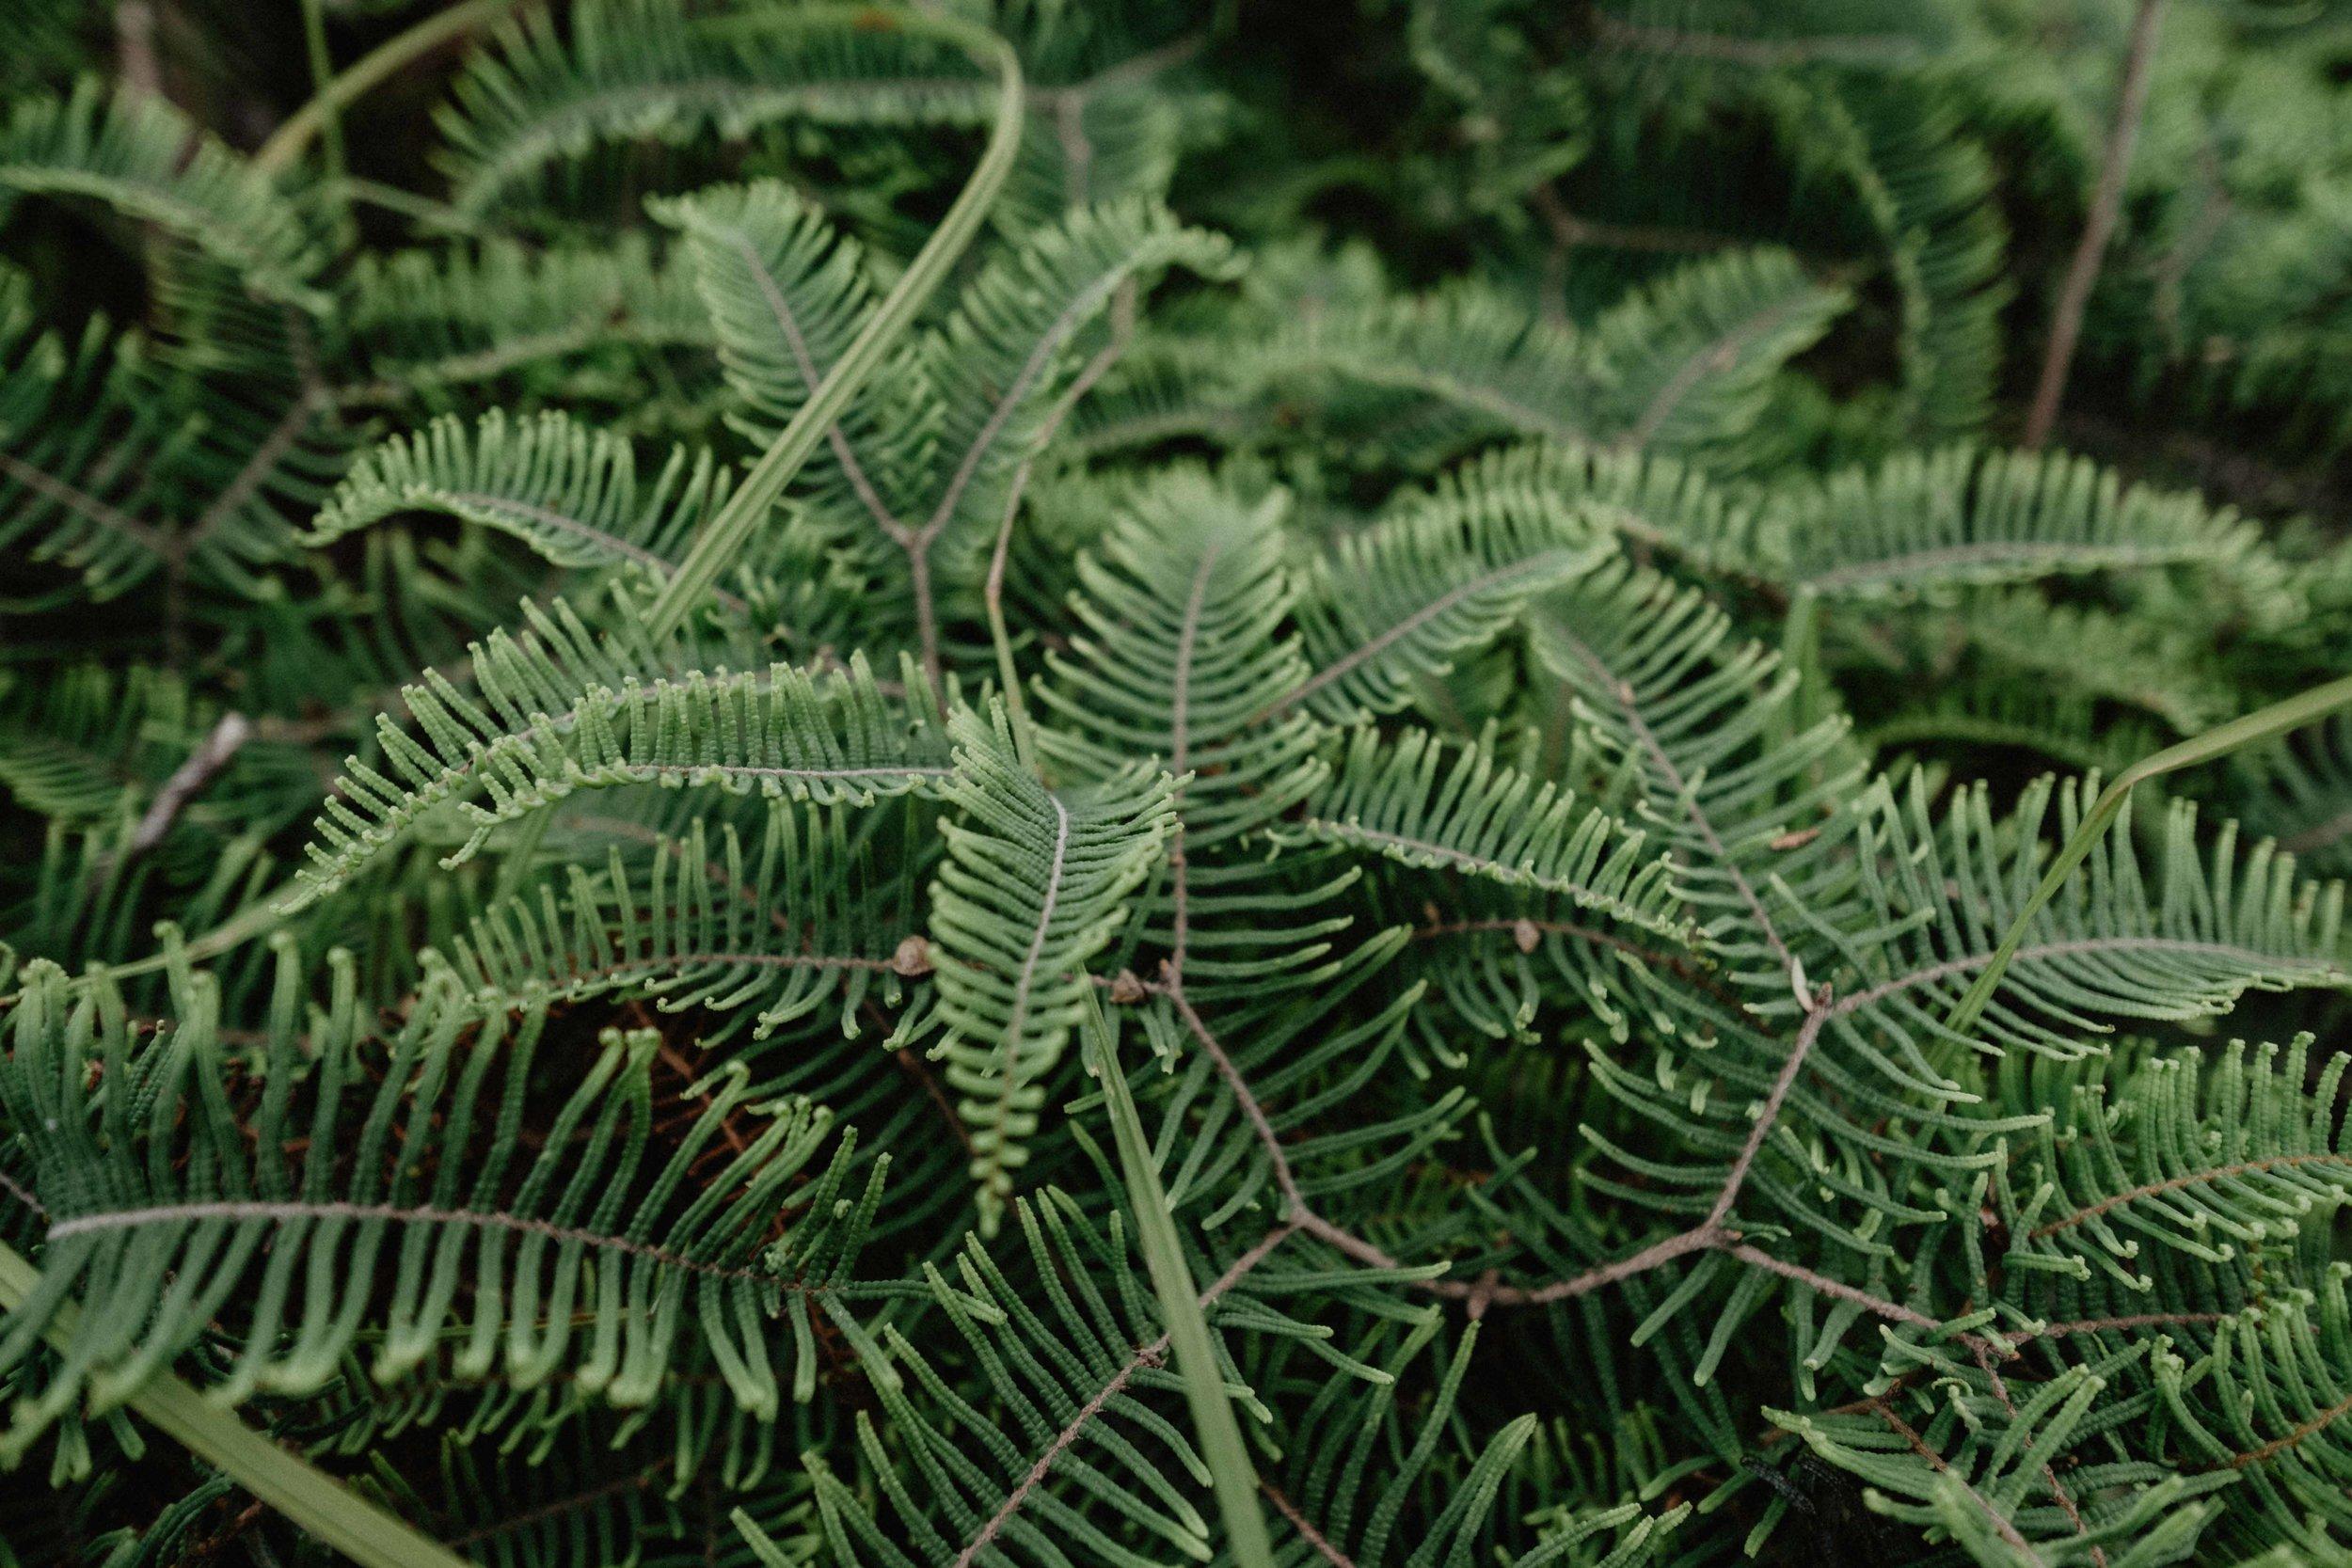 Comme tous les jours, la nature et la diversité de plantes ne cessent de nous émerveiller... :)